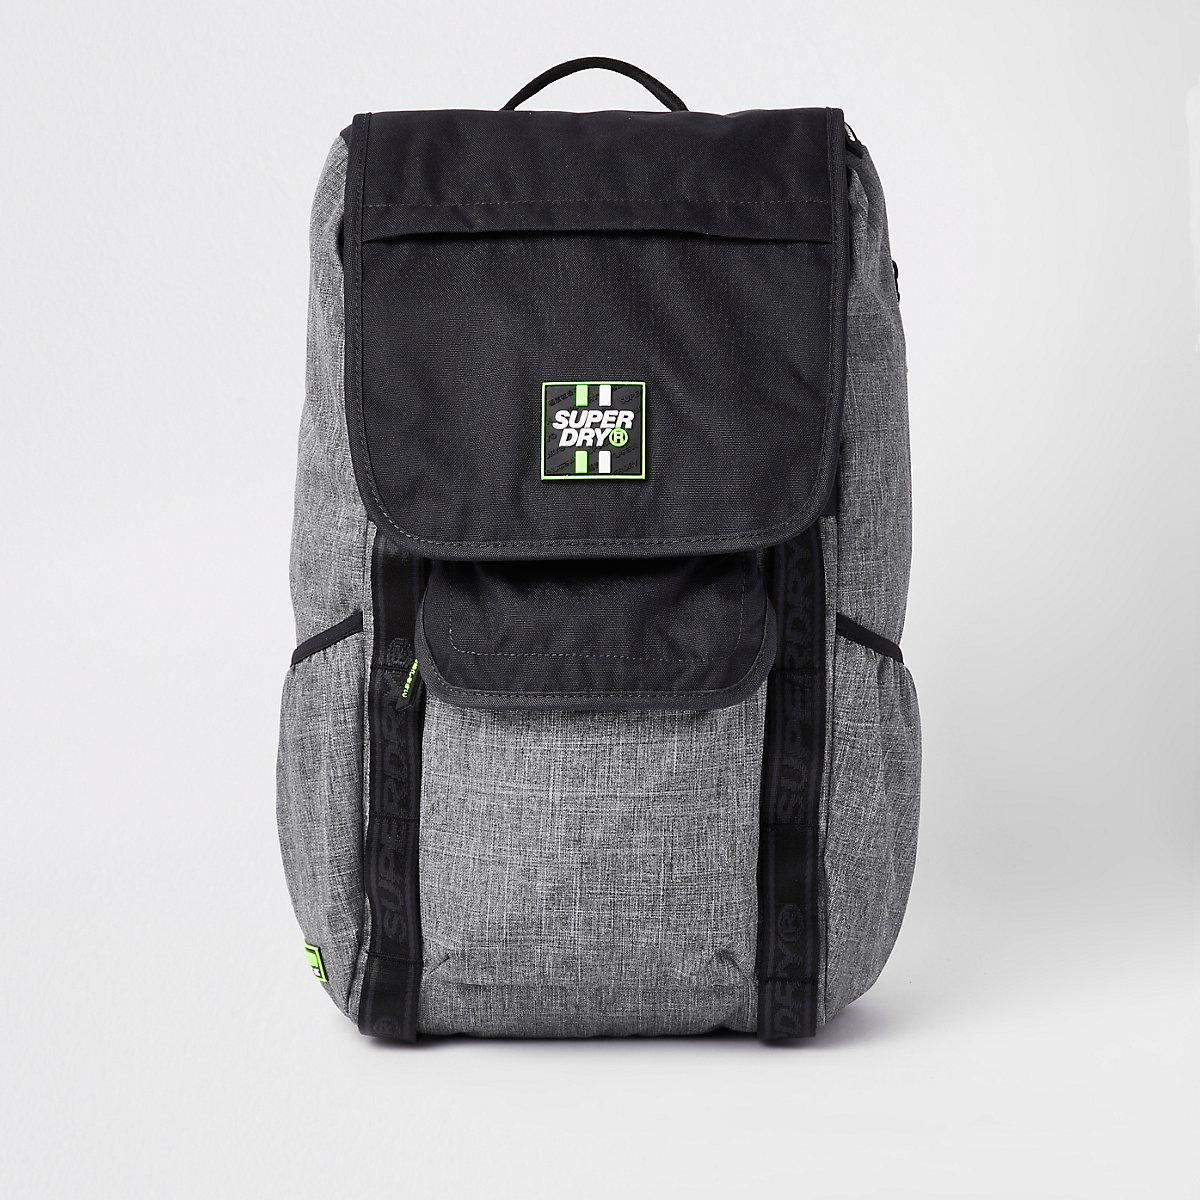 Superdry black Semester backpack